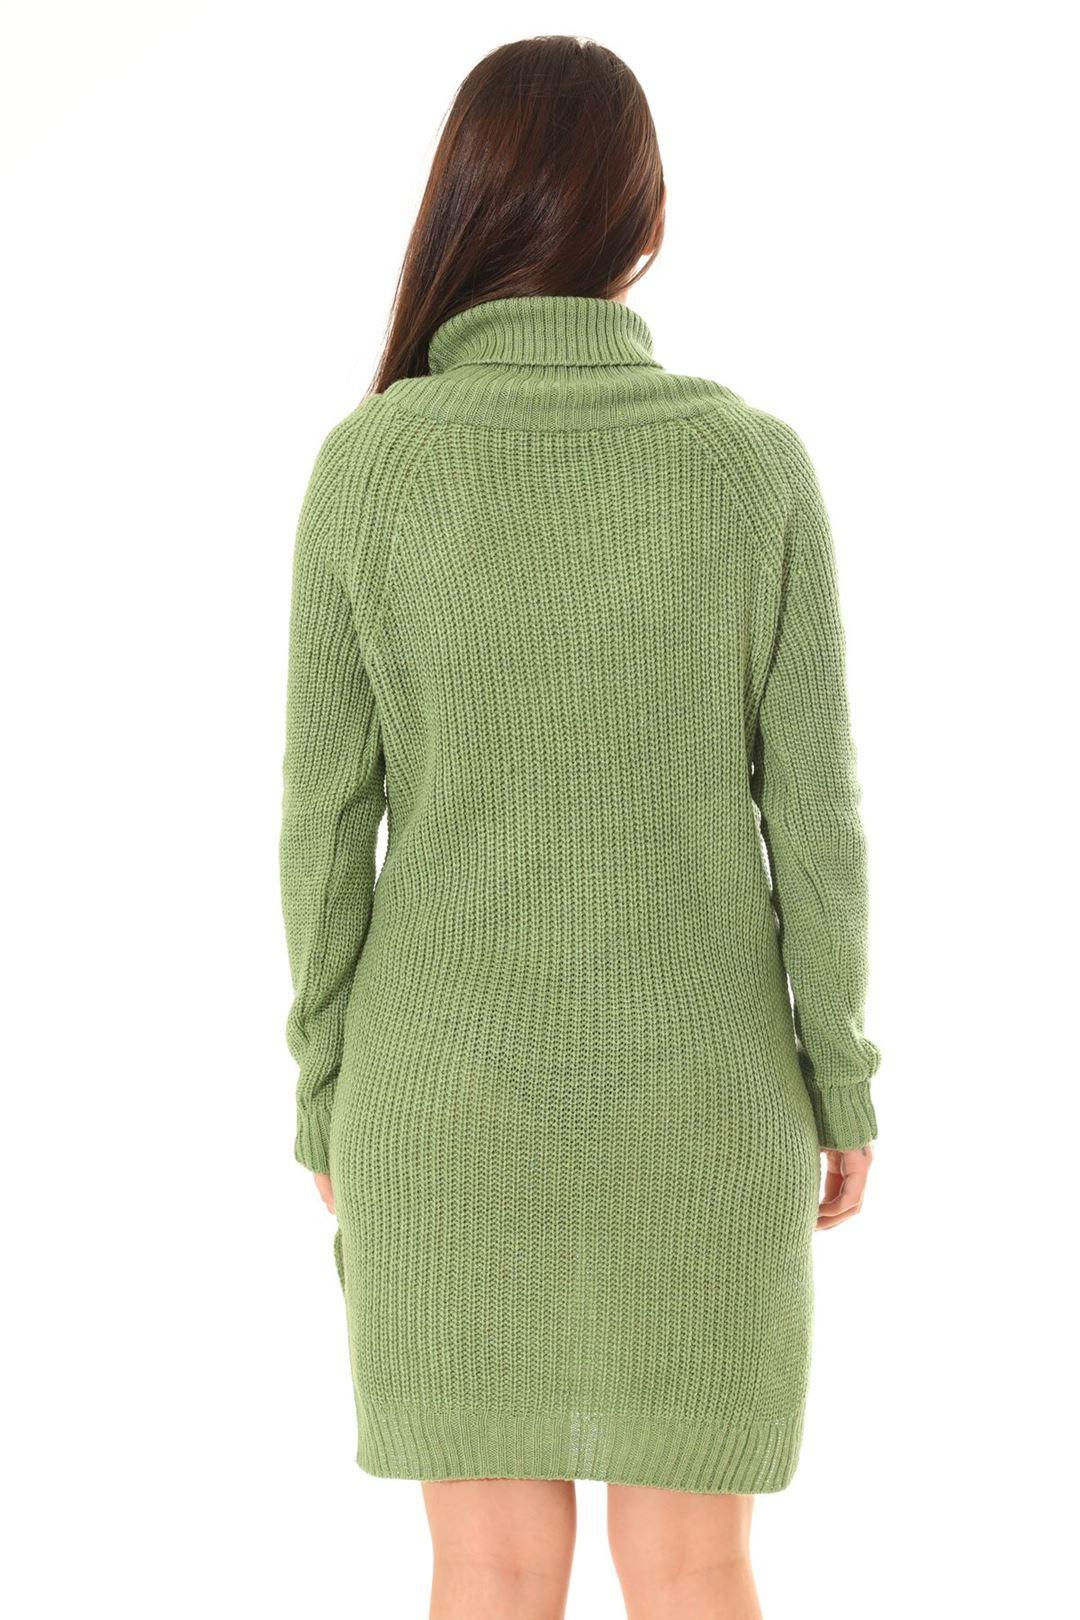 Boğazlı Triko Tunik Yeşil